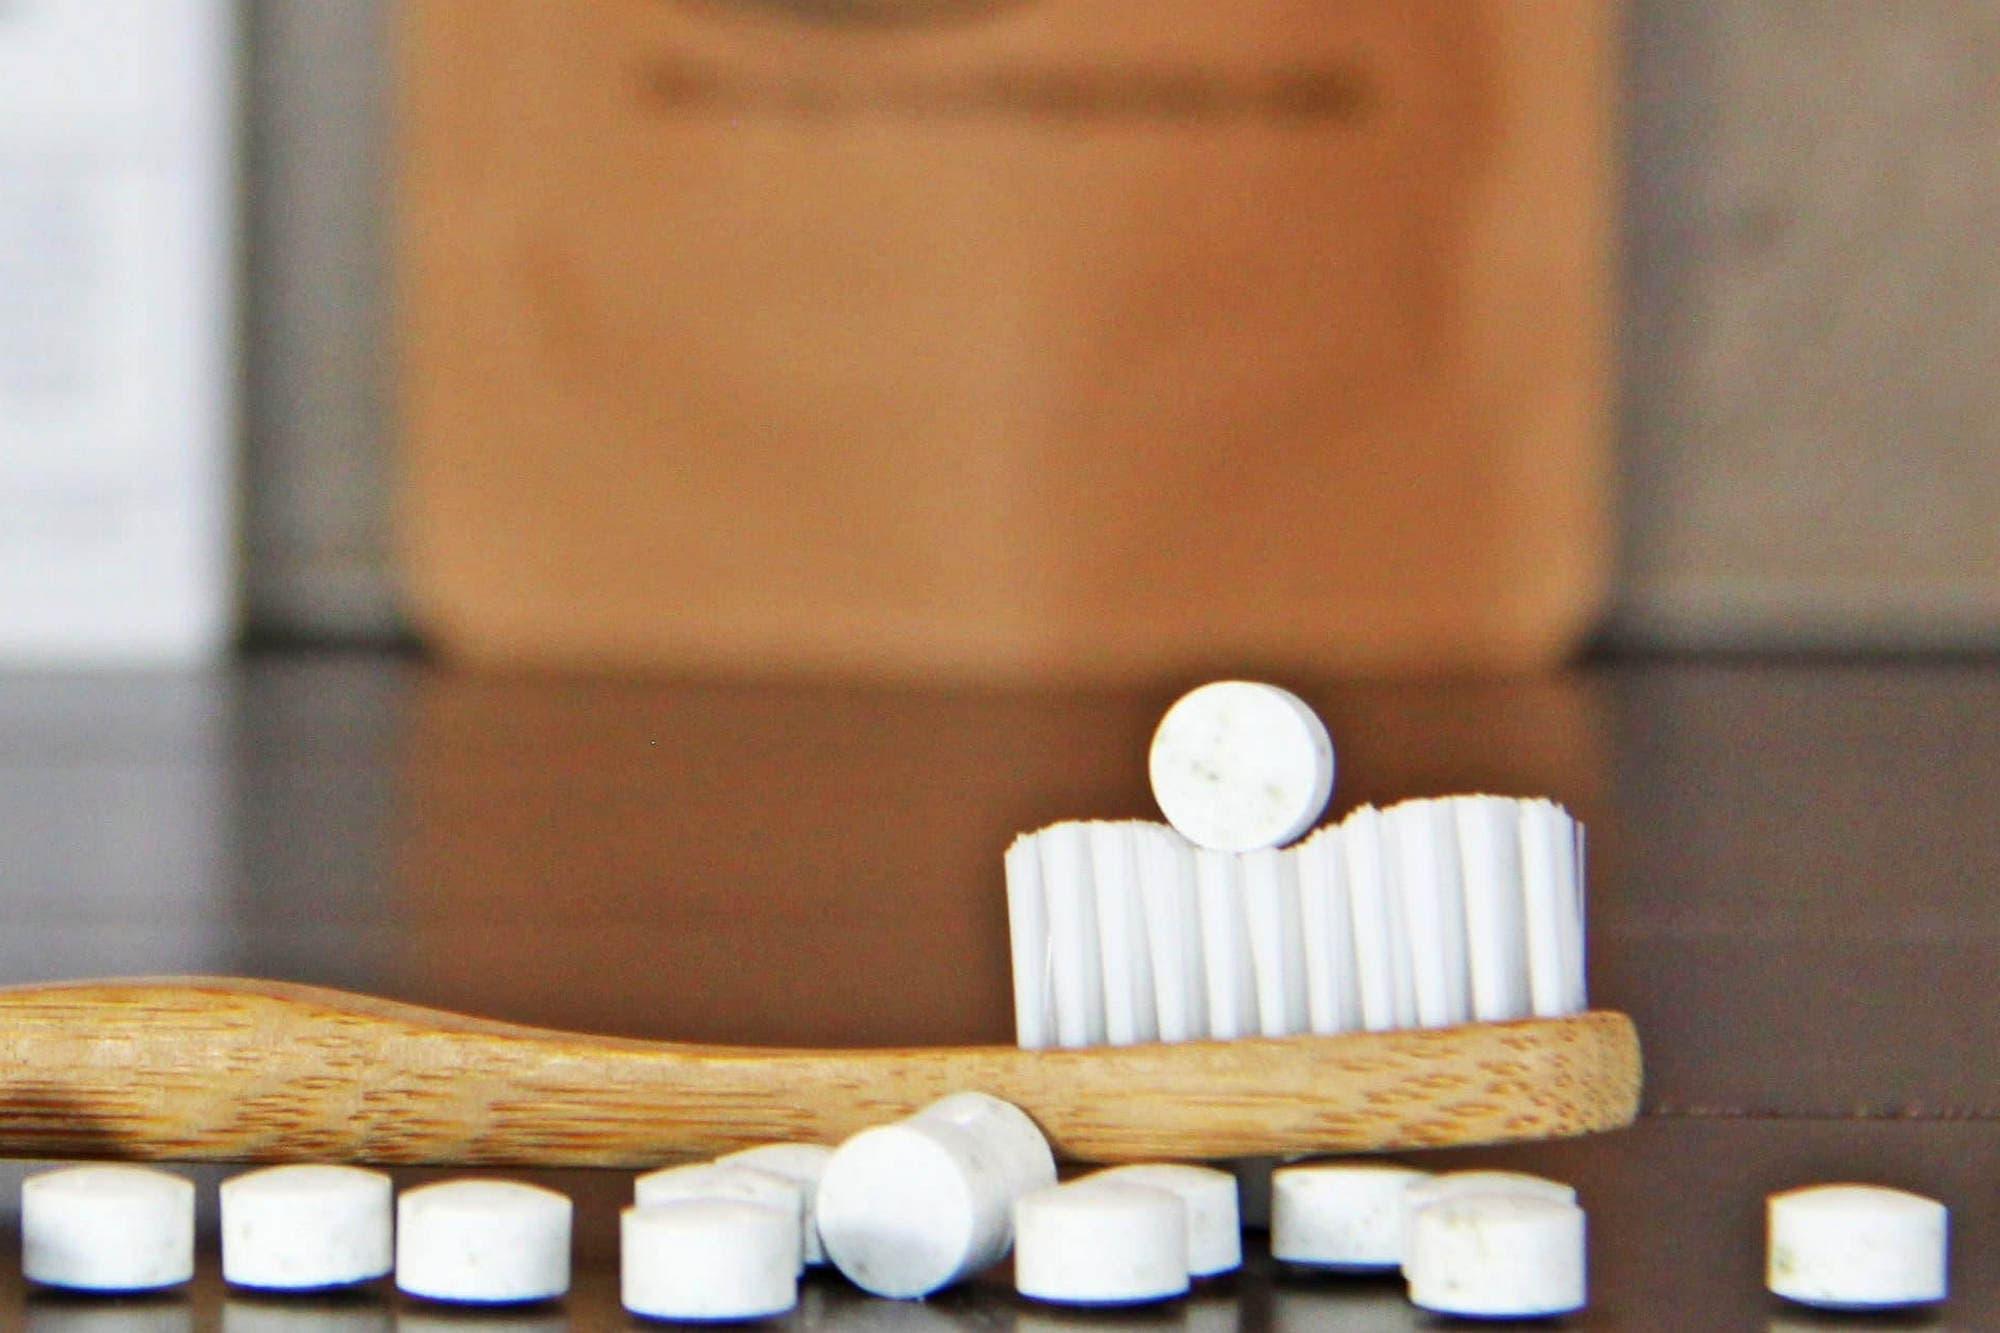 Chau tubo plástico: crean una pasta de dientes con forma de pastillas